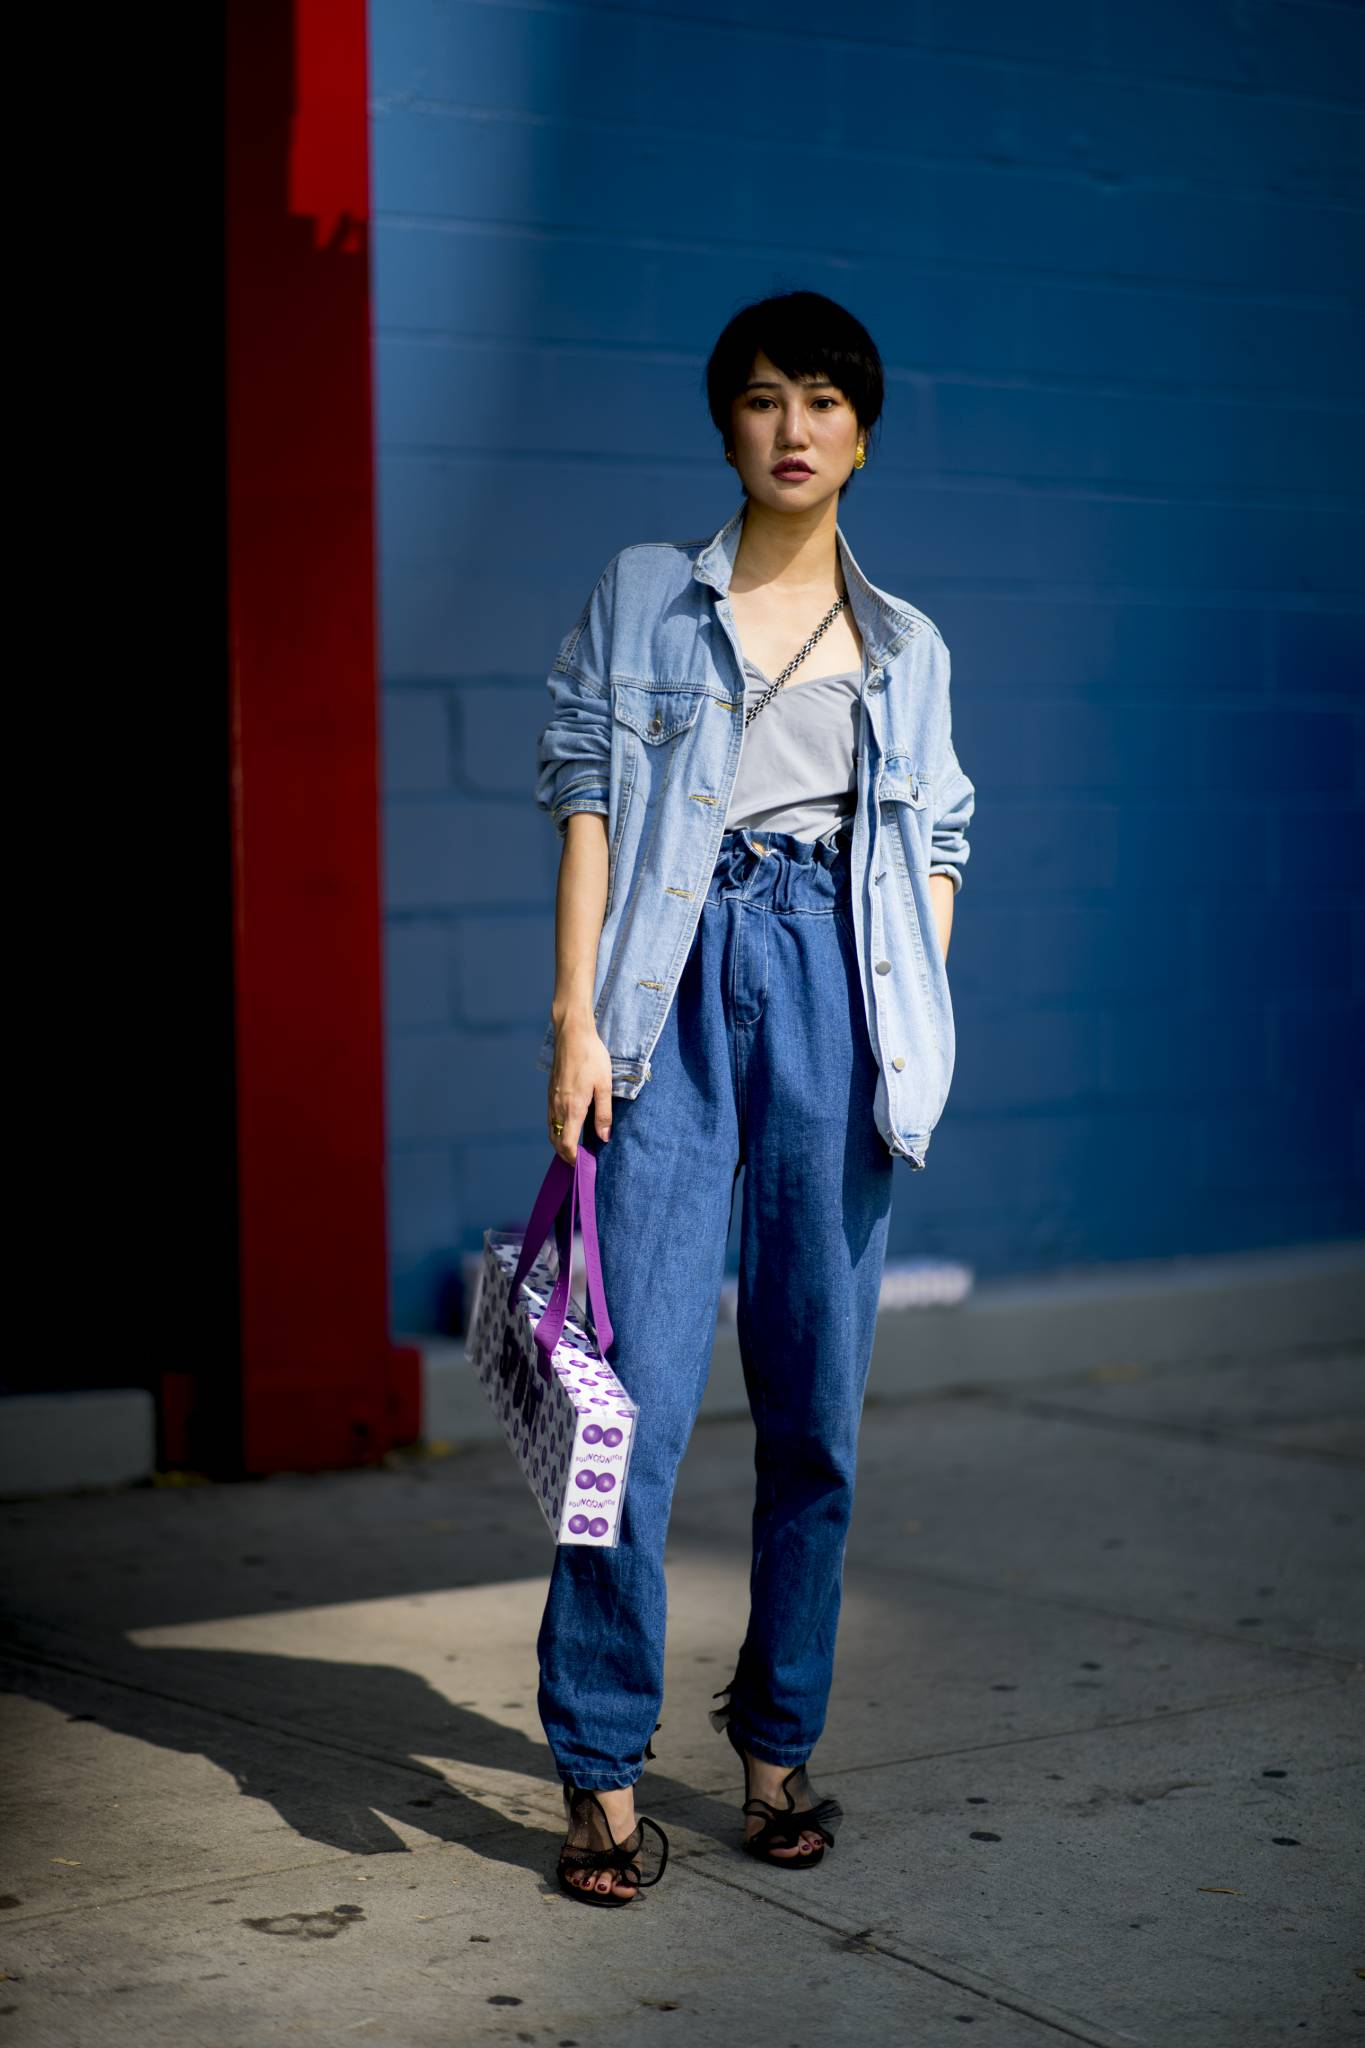 Jeans - ponadczasowa klasyka w nowoczesnym wydaniu